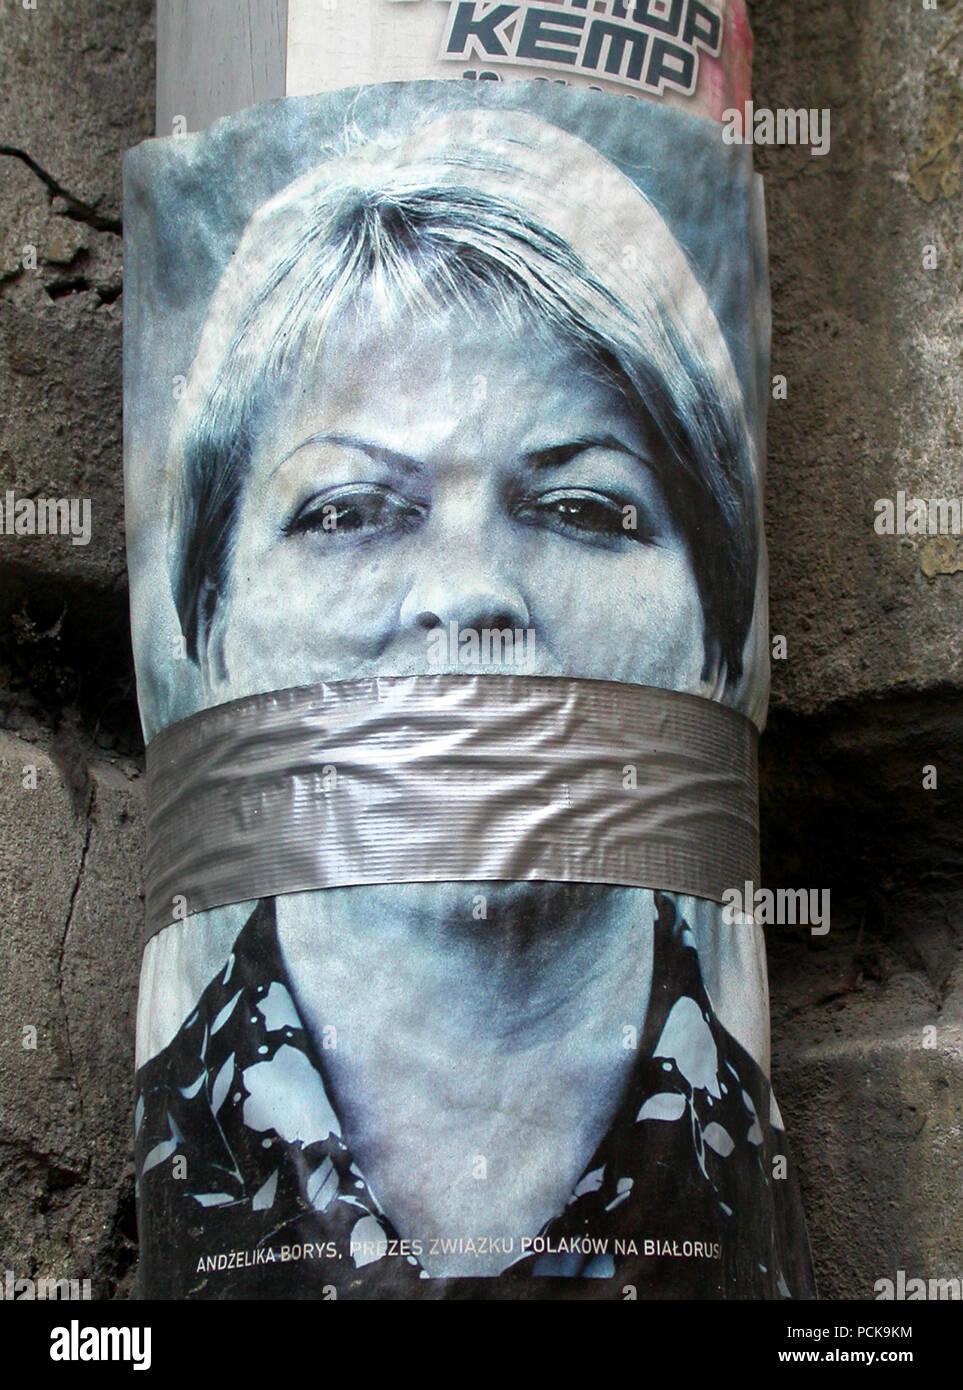 calm,street art,gag,censorship - Stock Image